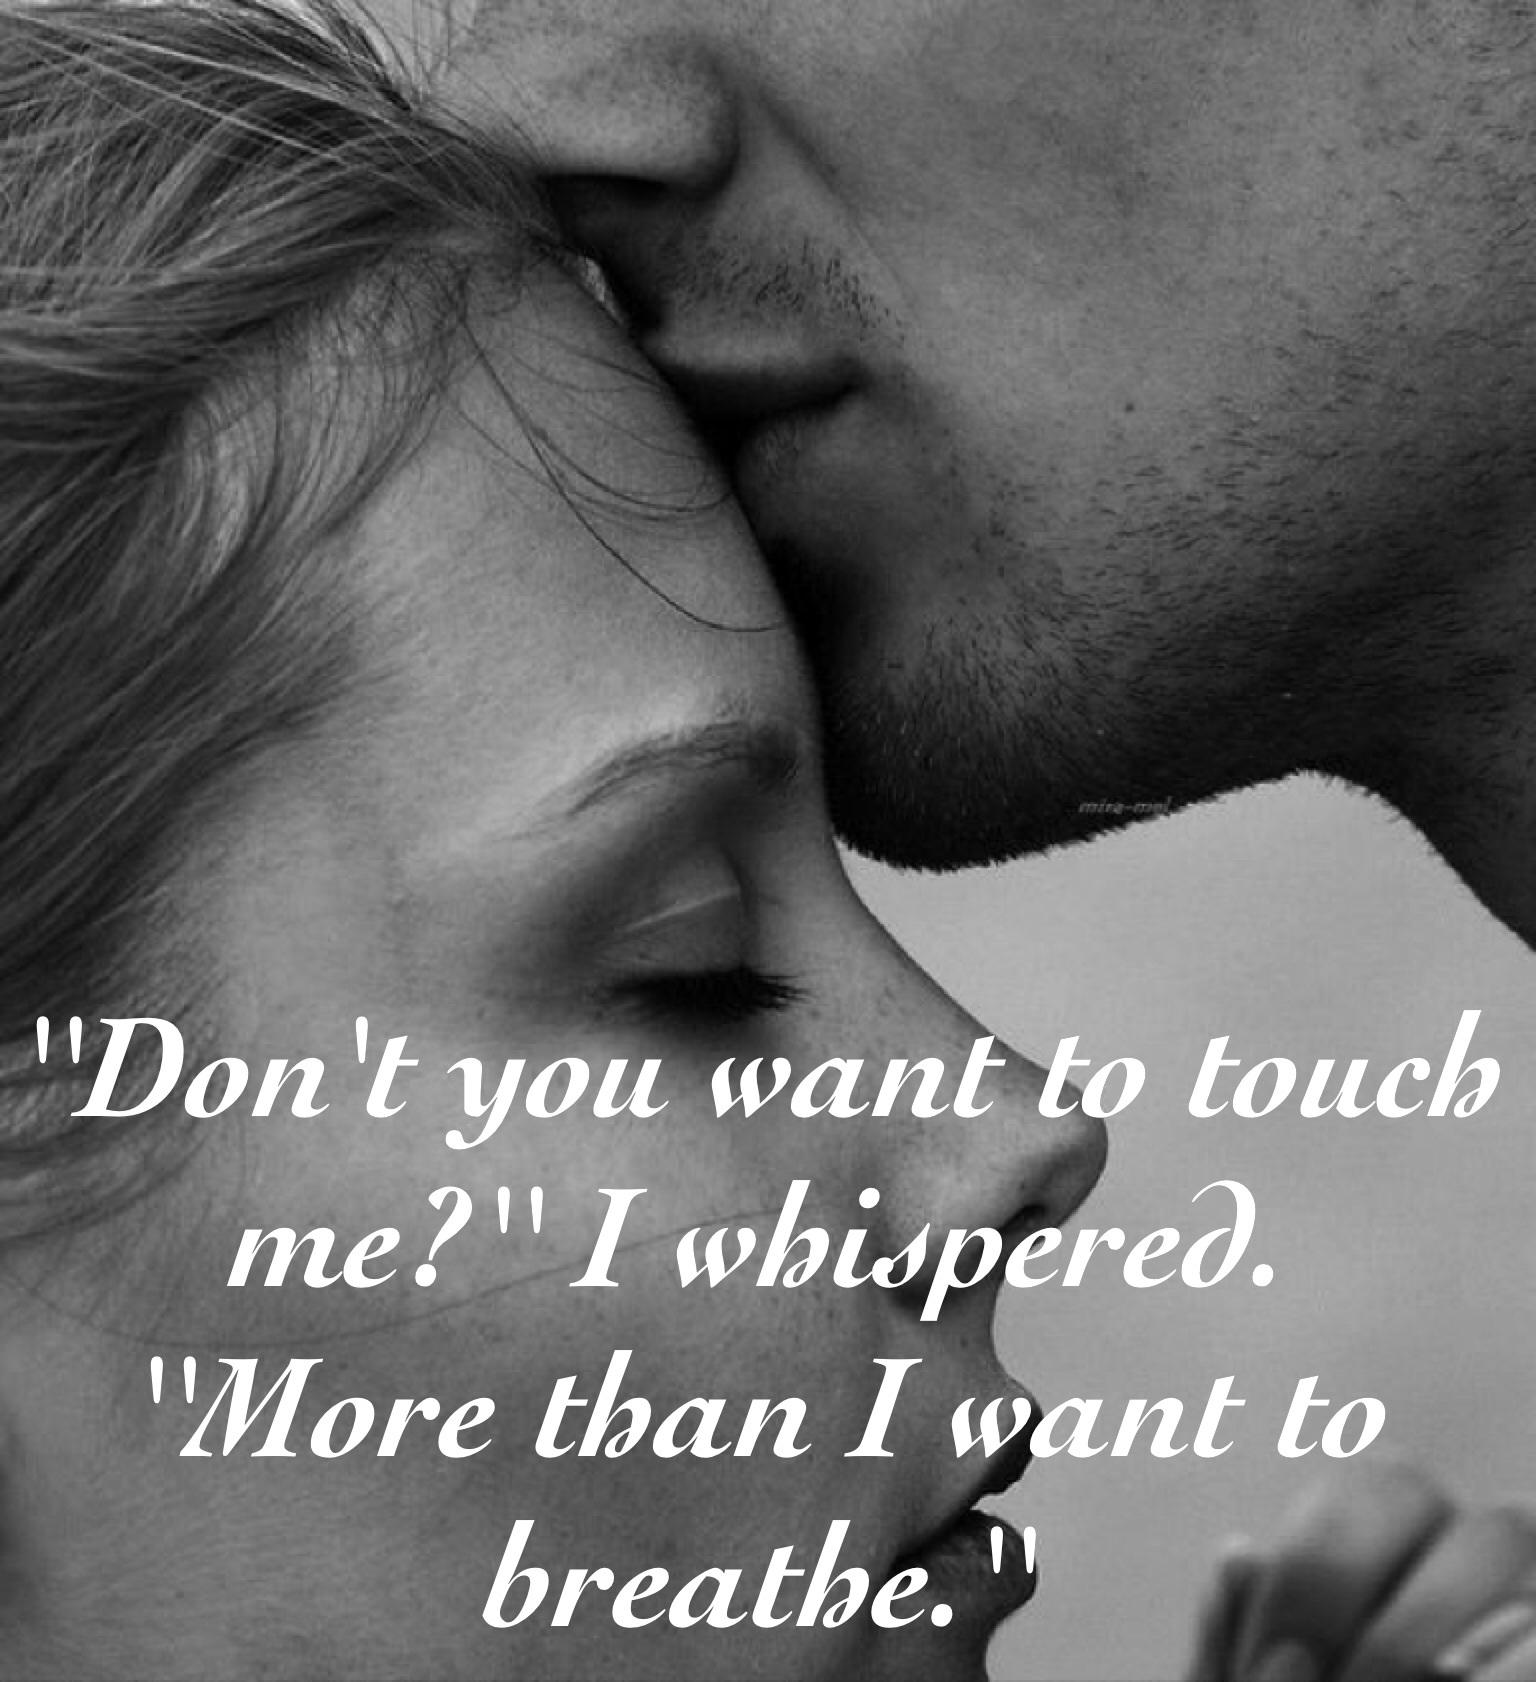 sex quotes tumblr Love